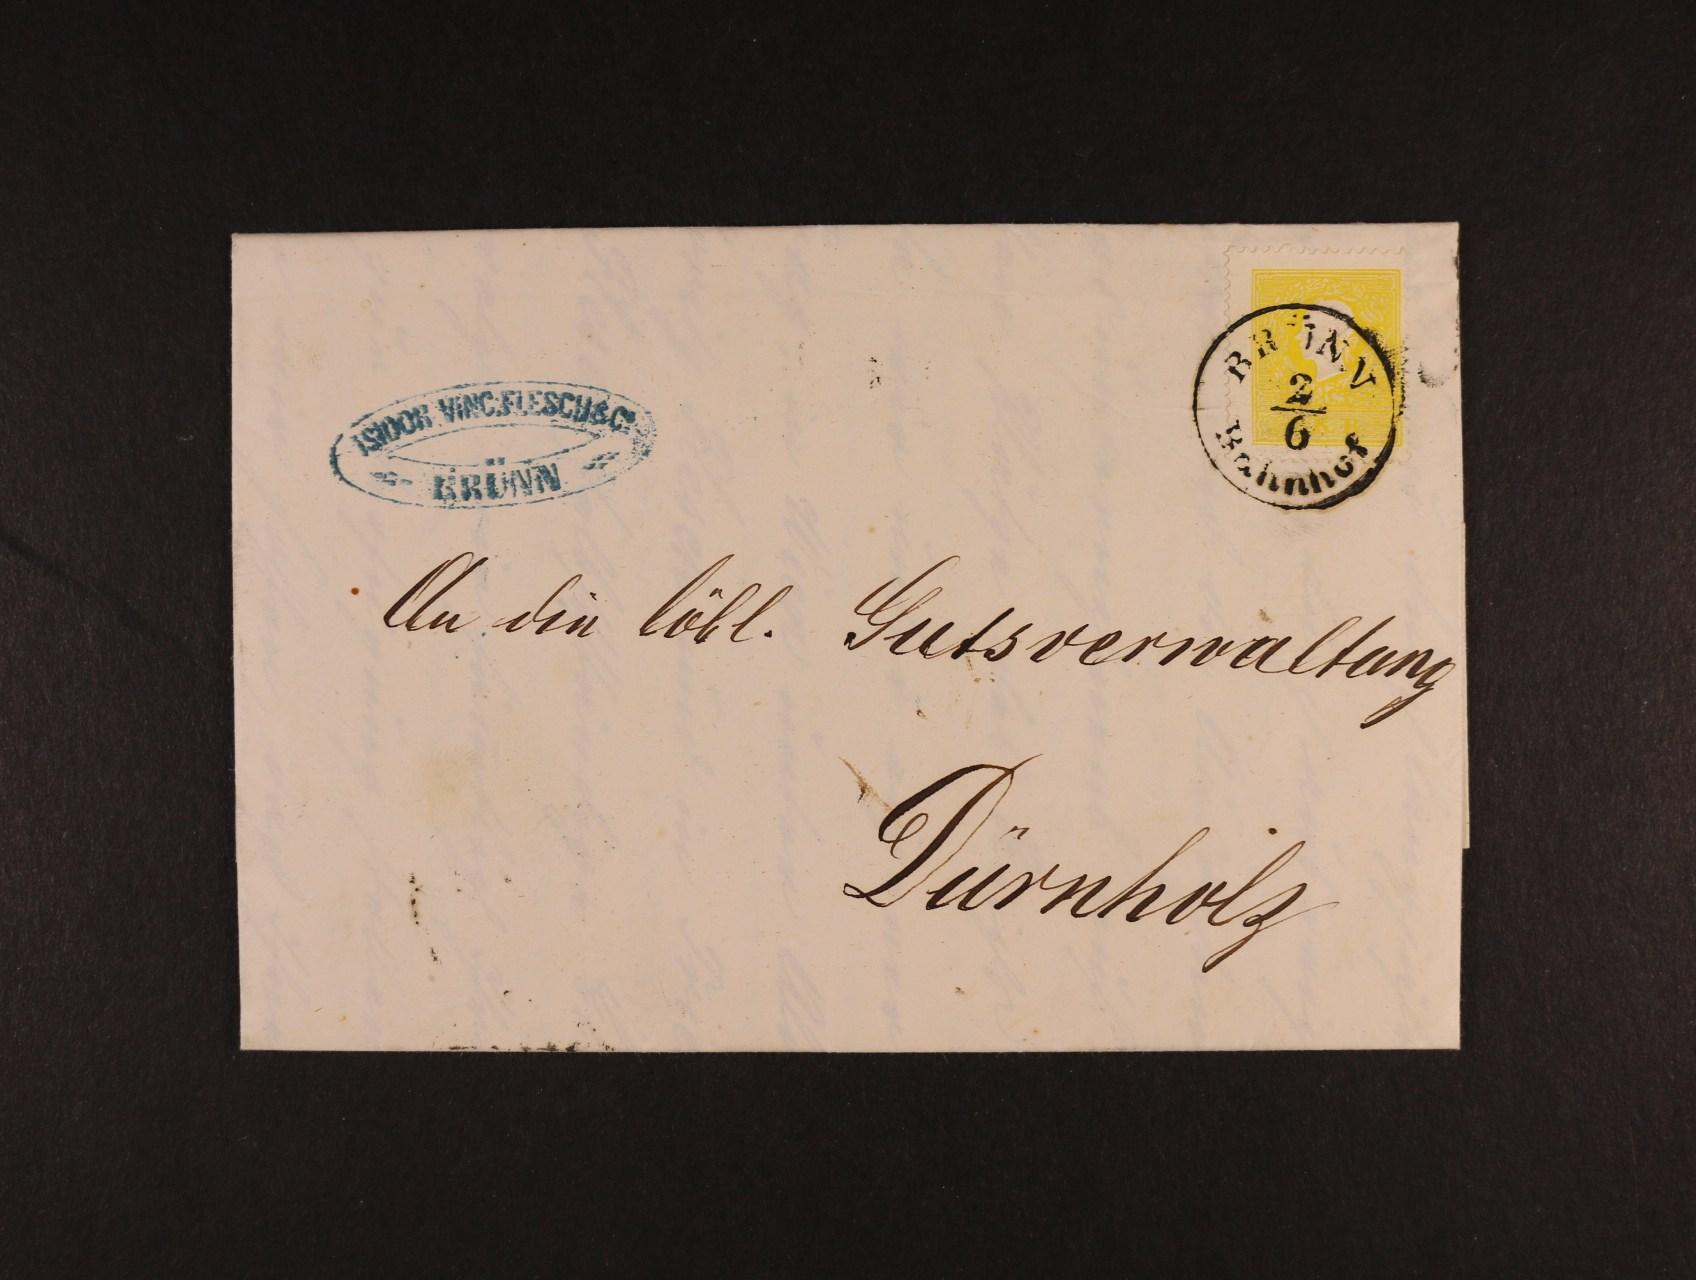 skl. firemní dopis do Drnholce z r. 1861 frank. zn. Fe. č. 10 II, pod. raz. BRÜNN Bahnhof 2.6.+ průch. a přích. raz., lux. kvalita